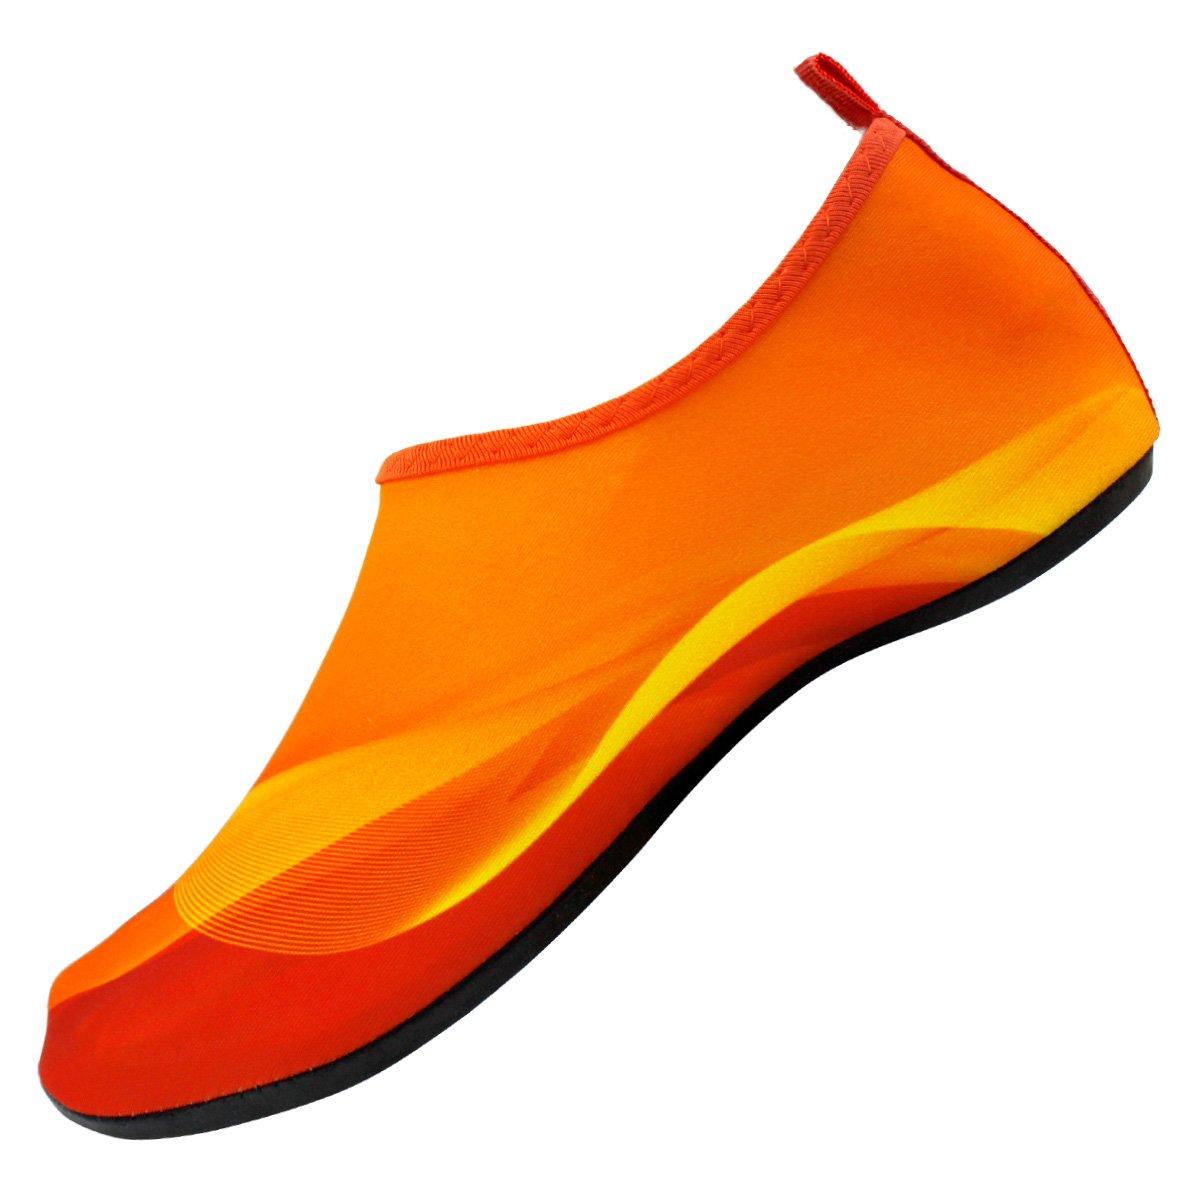 アンマーショップ [HQdeal] レディース XL B07CN8VSJ8 サンセットオレンジ(Sunset Orange) XL レディース (W (W 8-9/ M 6-7) XL (W 8-9/ M 6-7) サンセットオレンジ(Sunset Orange), イマヅチョウ:b2632999 --- svecha37.ru